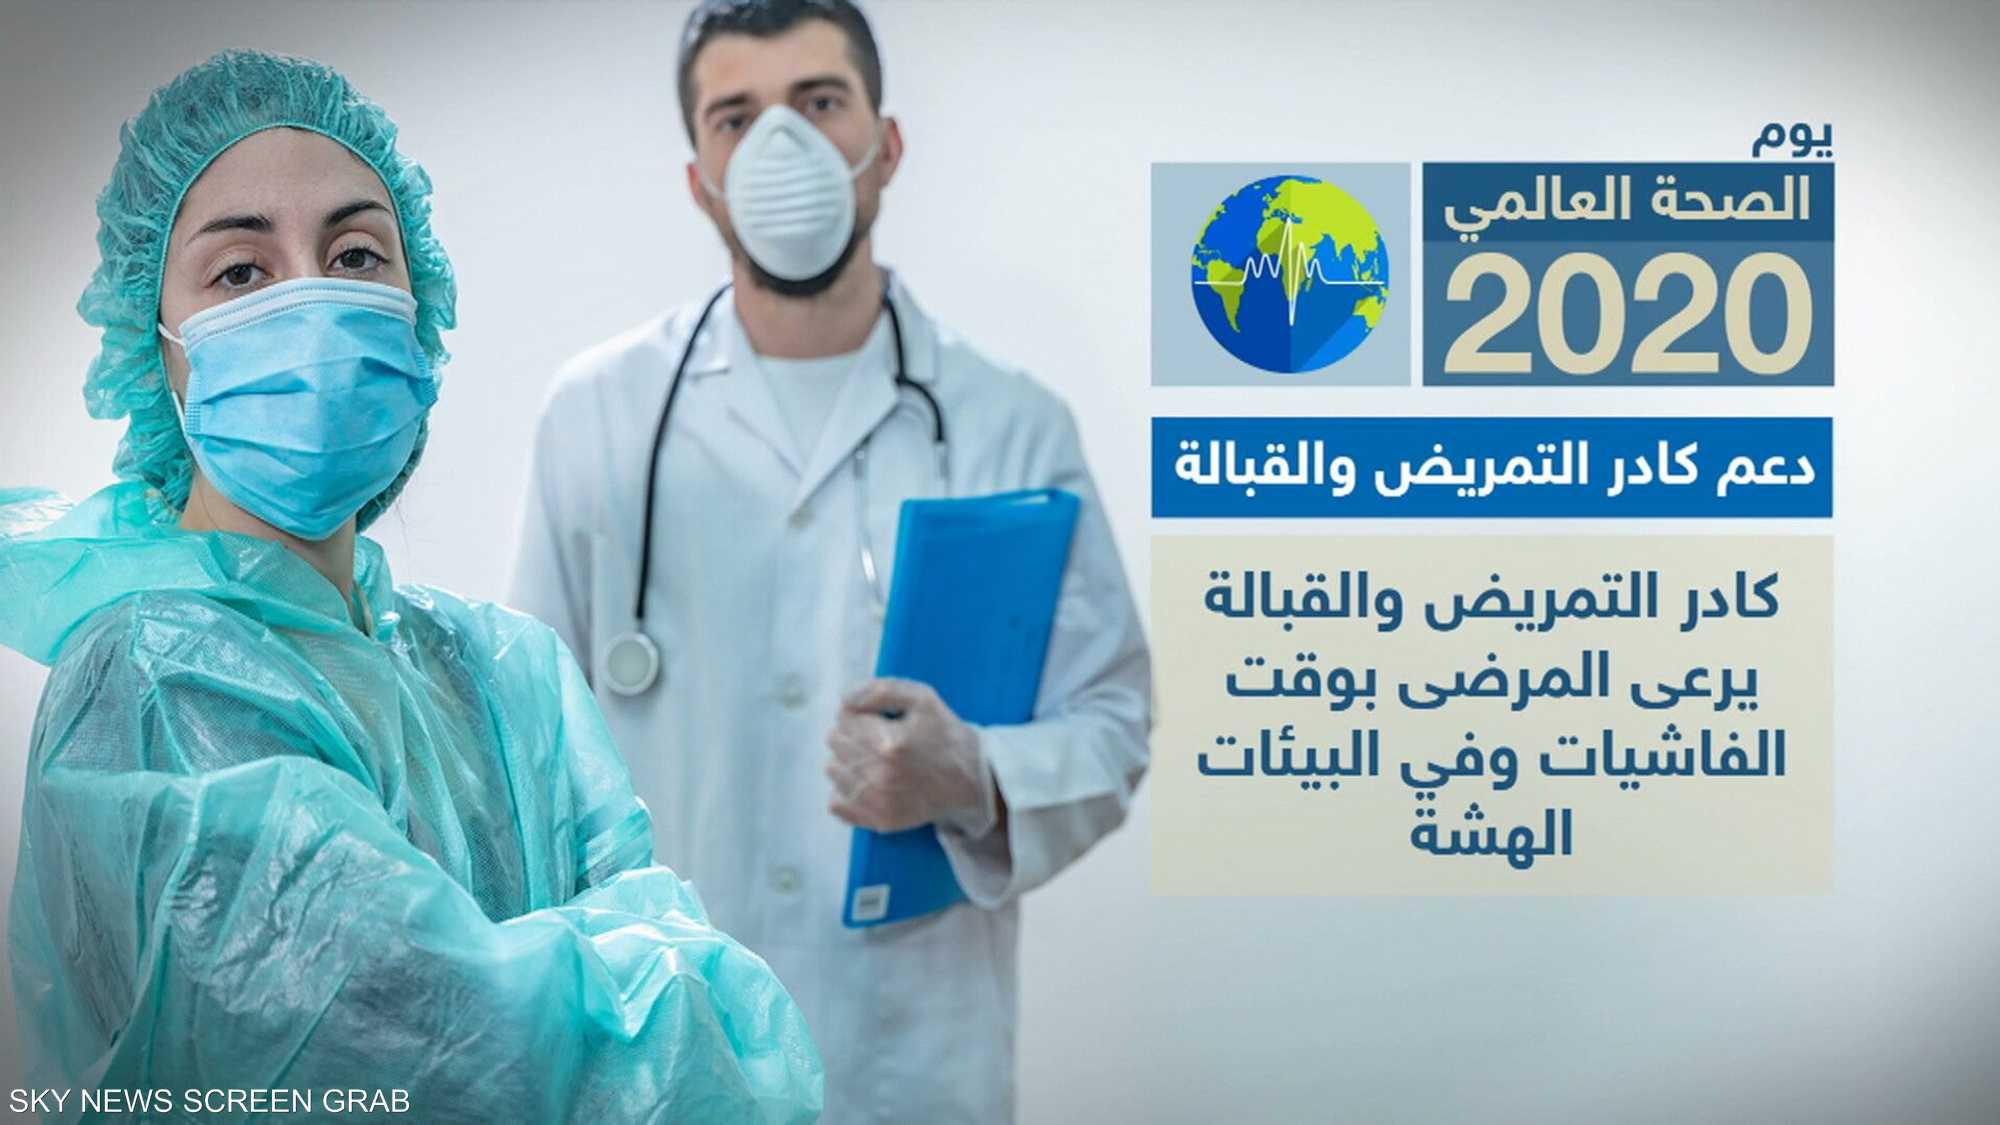 دعوات لدعم كادر التمريض في ظل انتشار كورونا